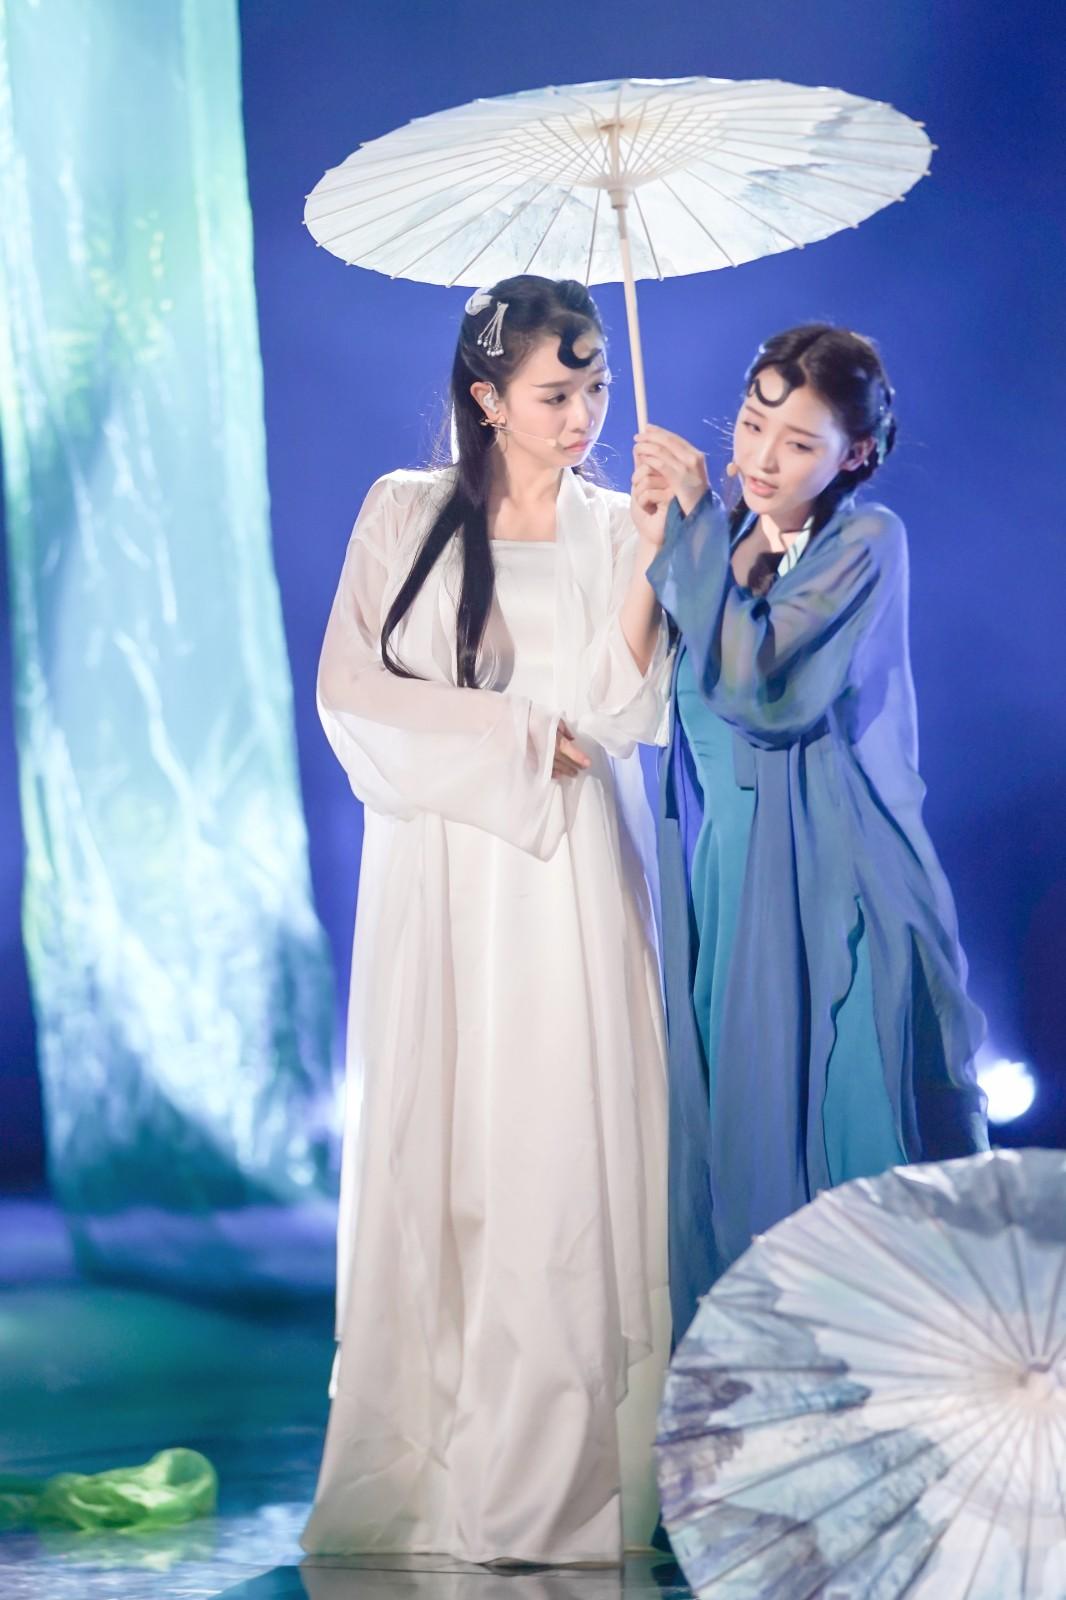 曾雪瑶献演《青蛇》致敬经典 歌舞俱佳妖娆动人